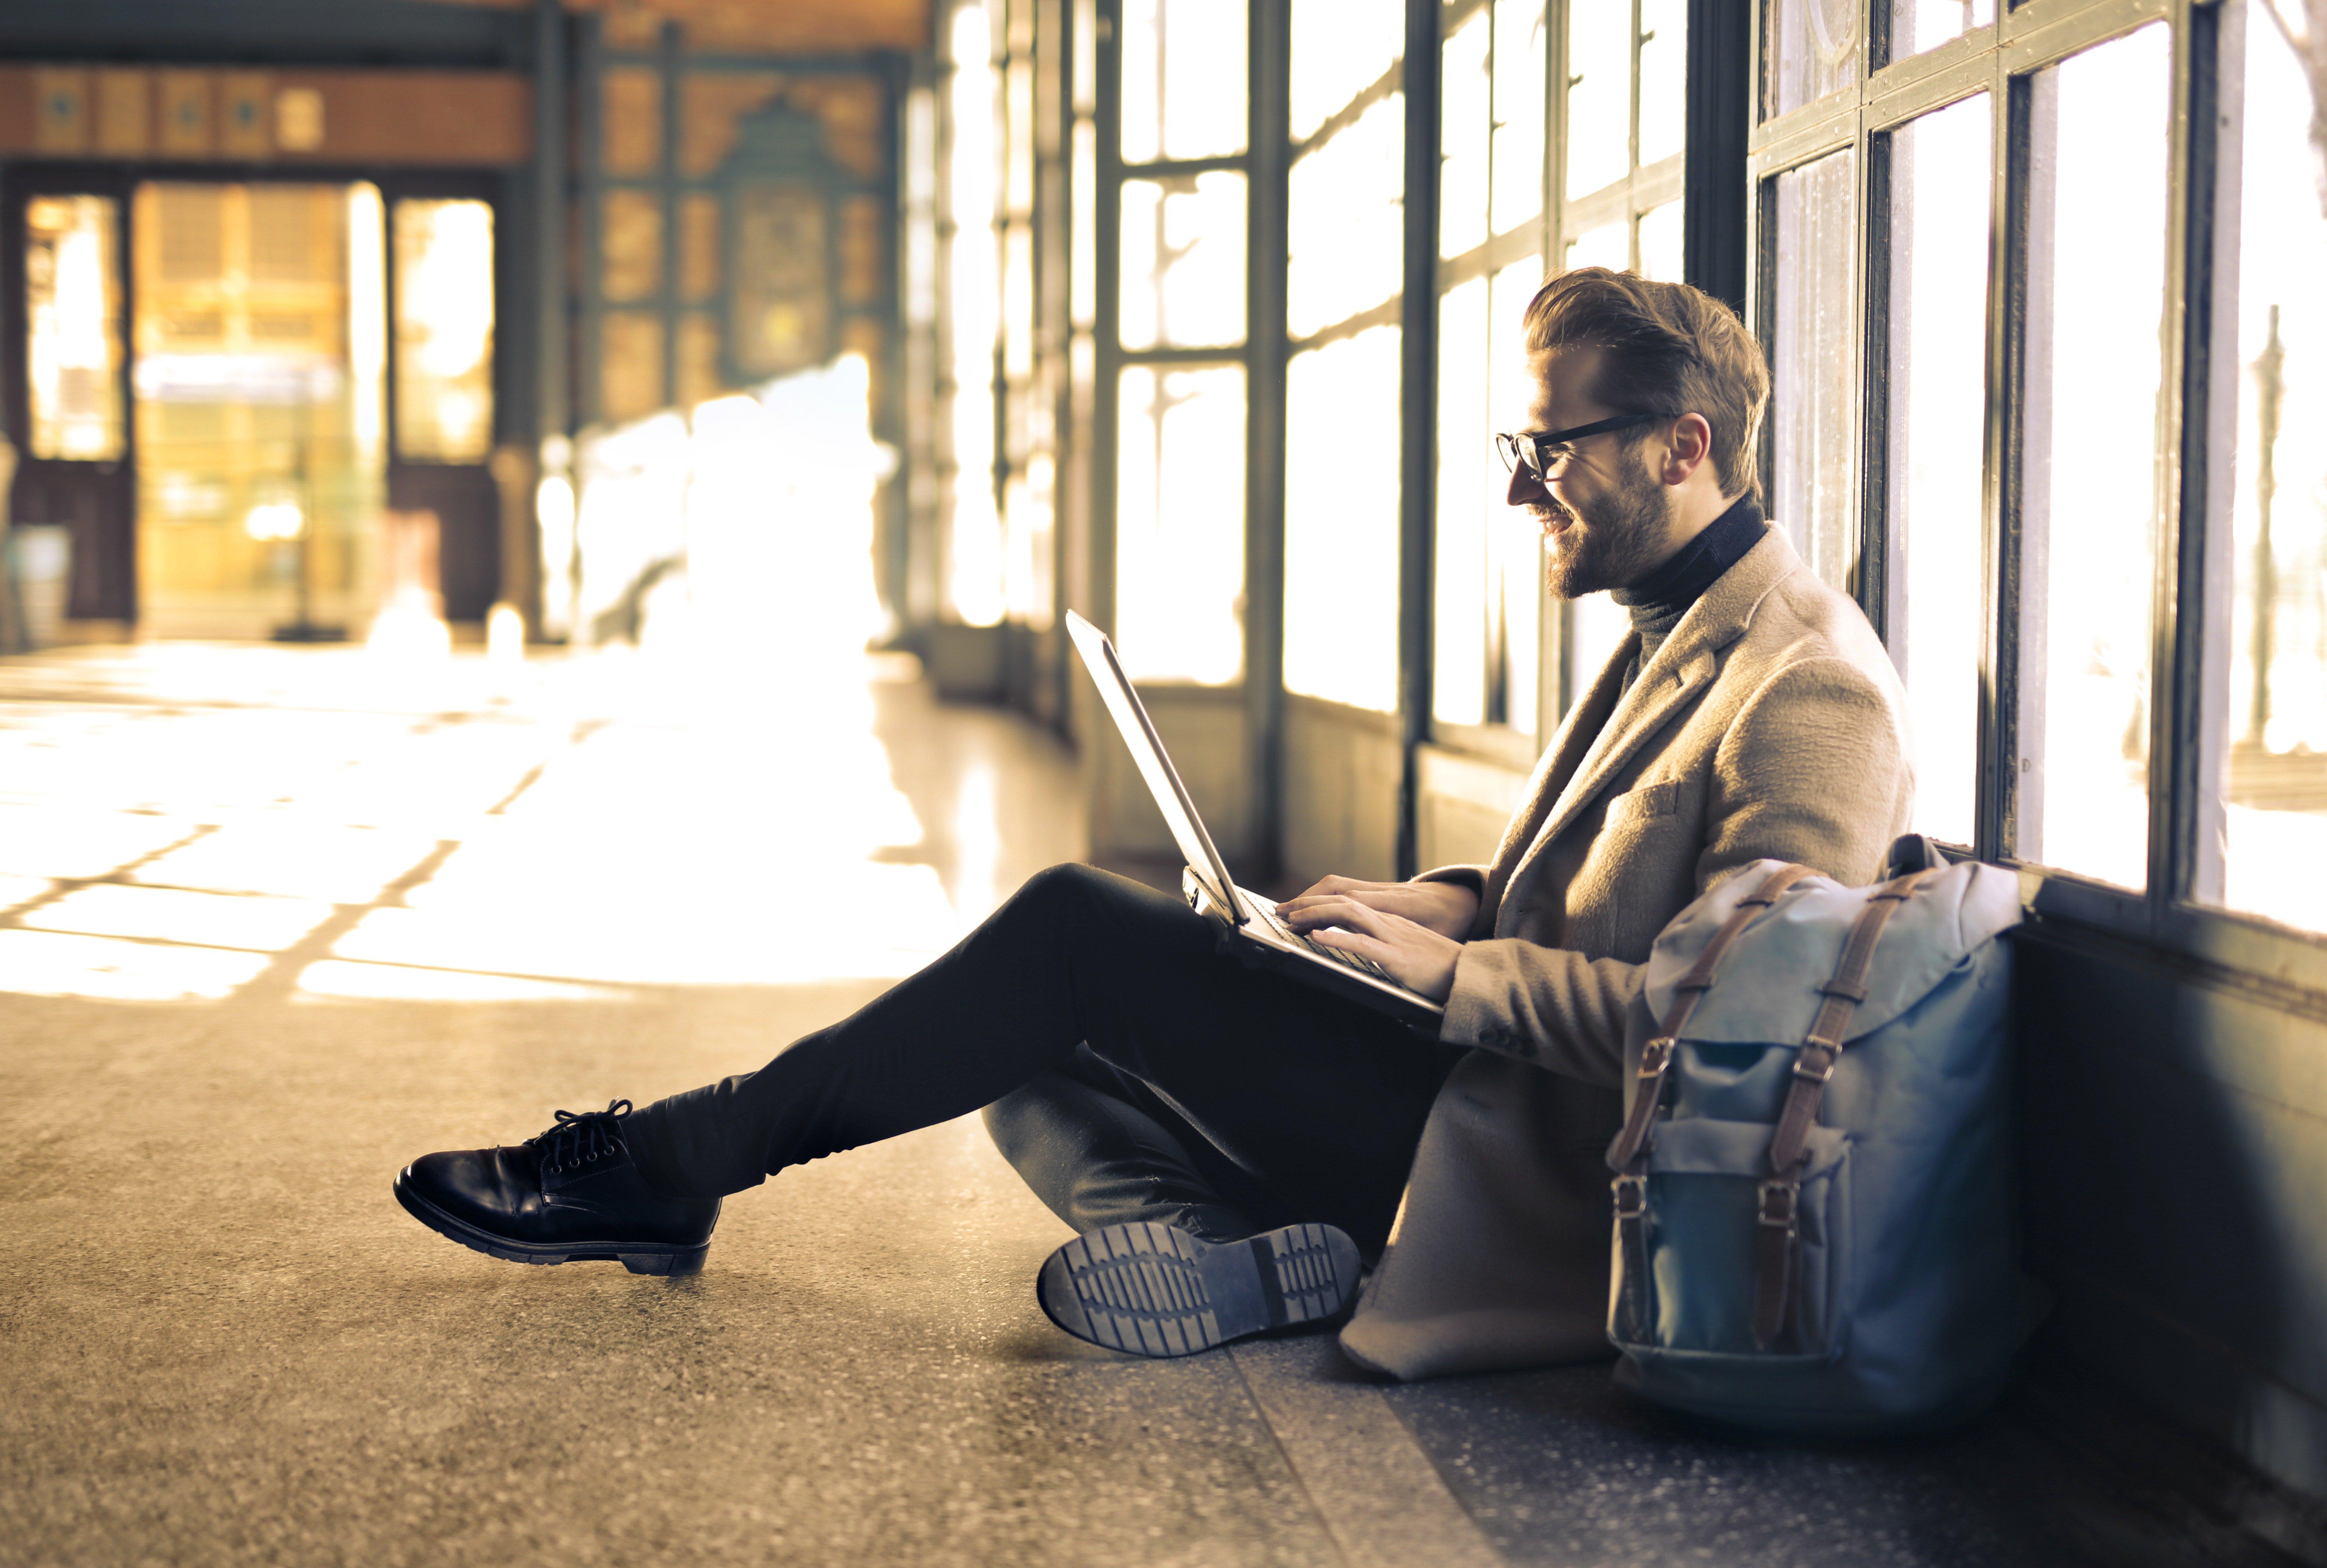 Scrivere non è sempre un solo esercizio creativo, a volte serve anche per imparare a guardare alle cose da un punto di vista differente